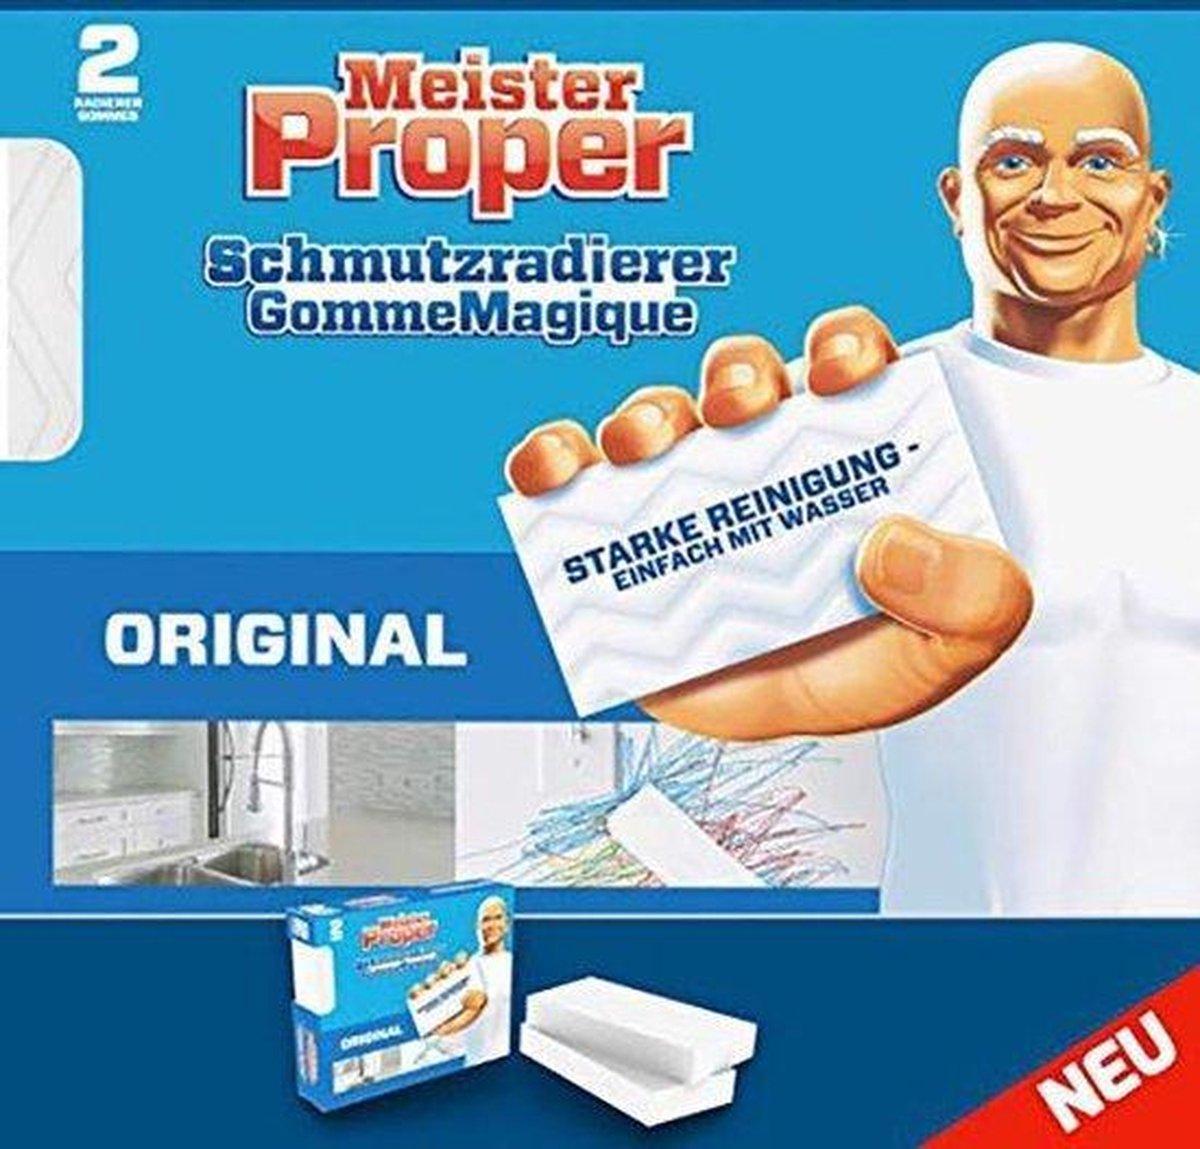 Mr.Proper - wondergum - wonderspons - krachtige schoonmaakbeurt met ALLEEN water - 2 gommen × kopen